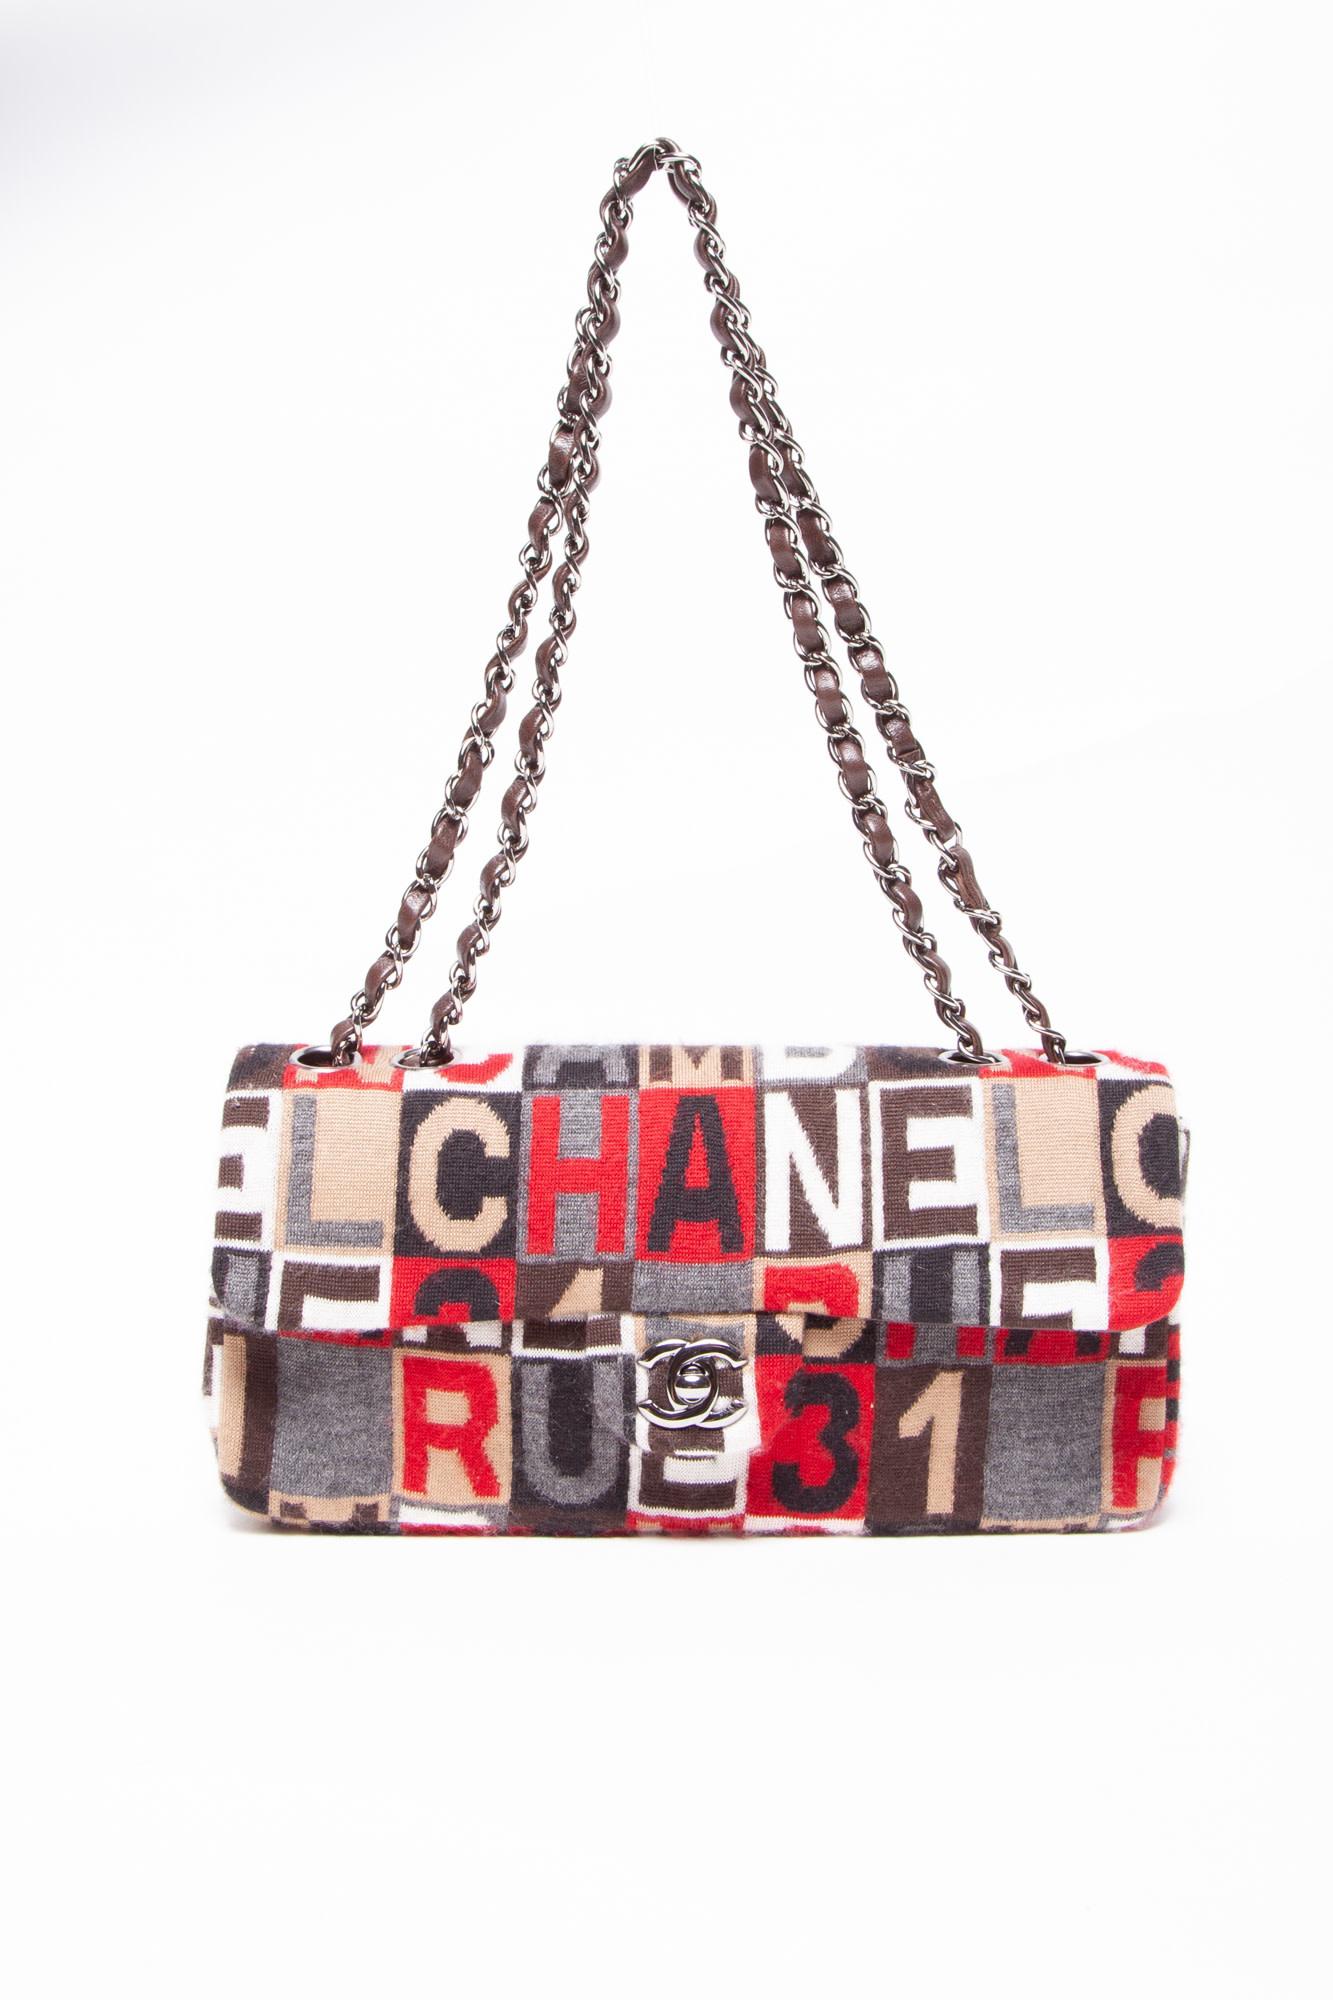 Chanel WOOL LOGO E/W FLAP BAG